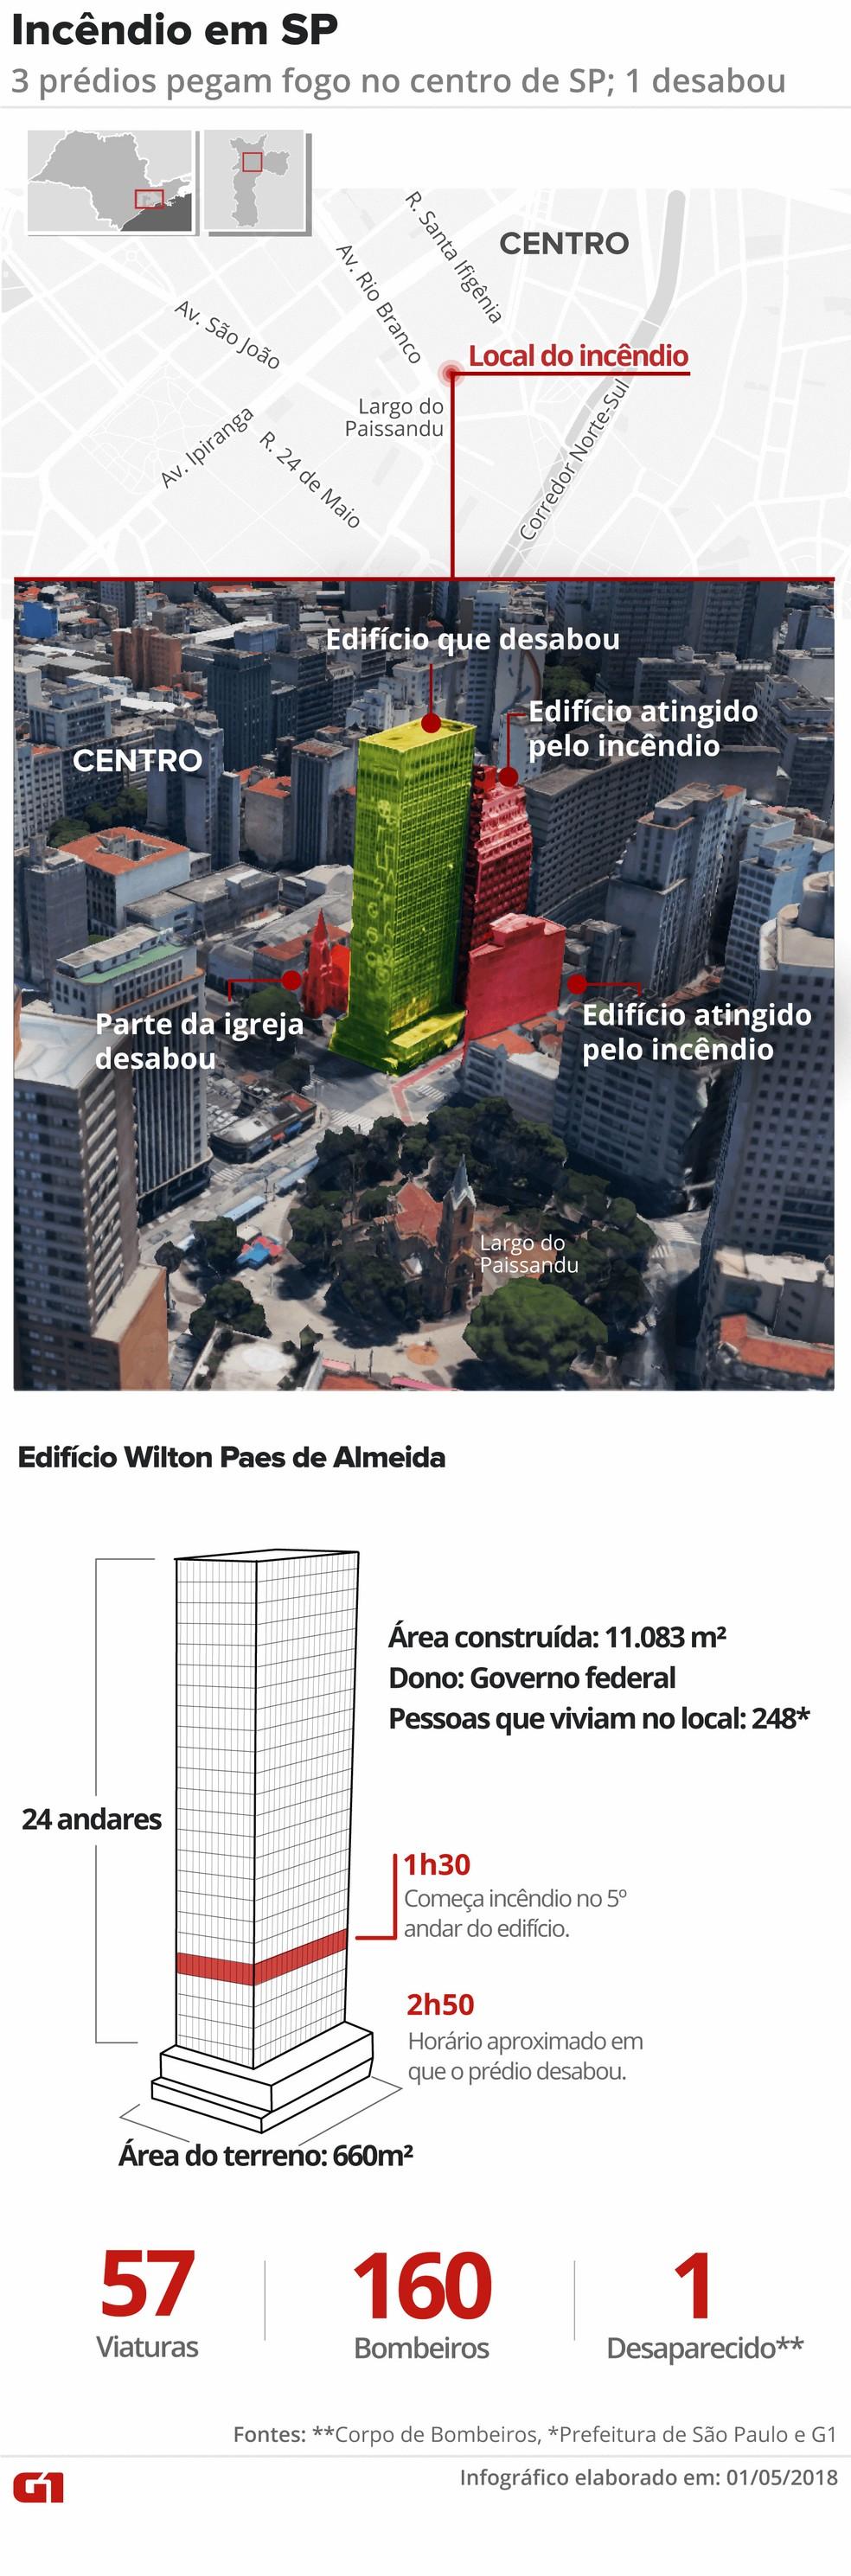 Arte mostra detalhes do incêndio em prédio que desabou no Centro de SP (Foto: Juliane Souza/Editoria de Arte/G1)